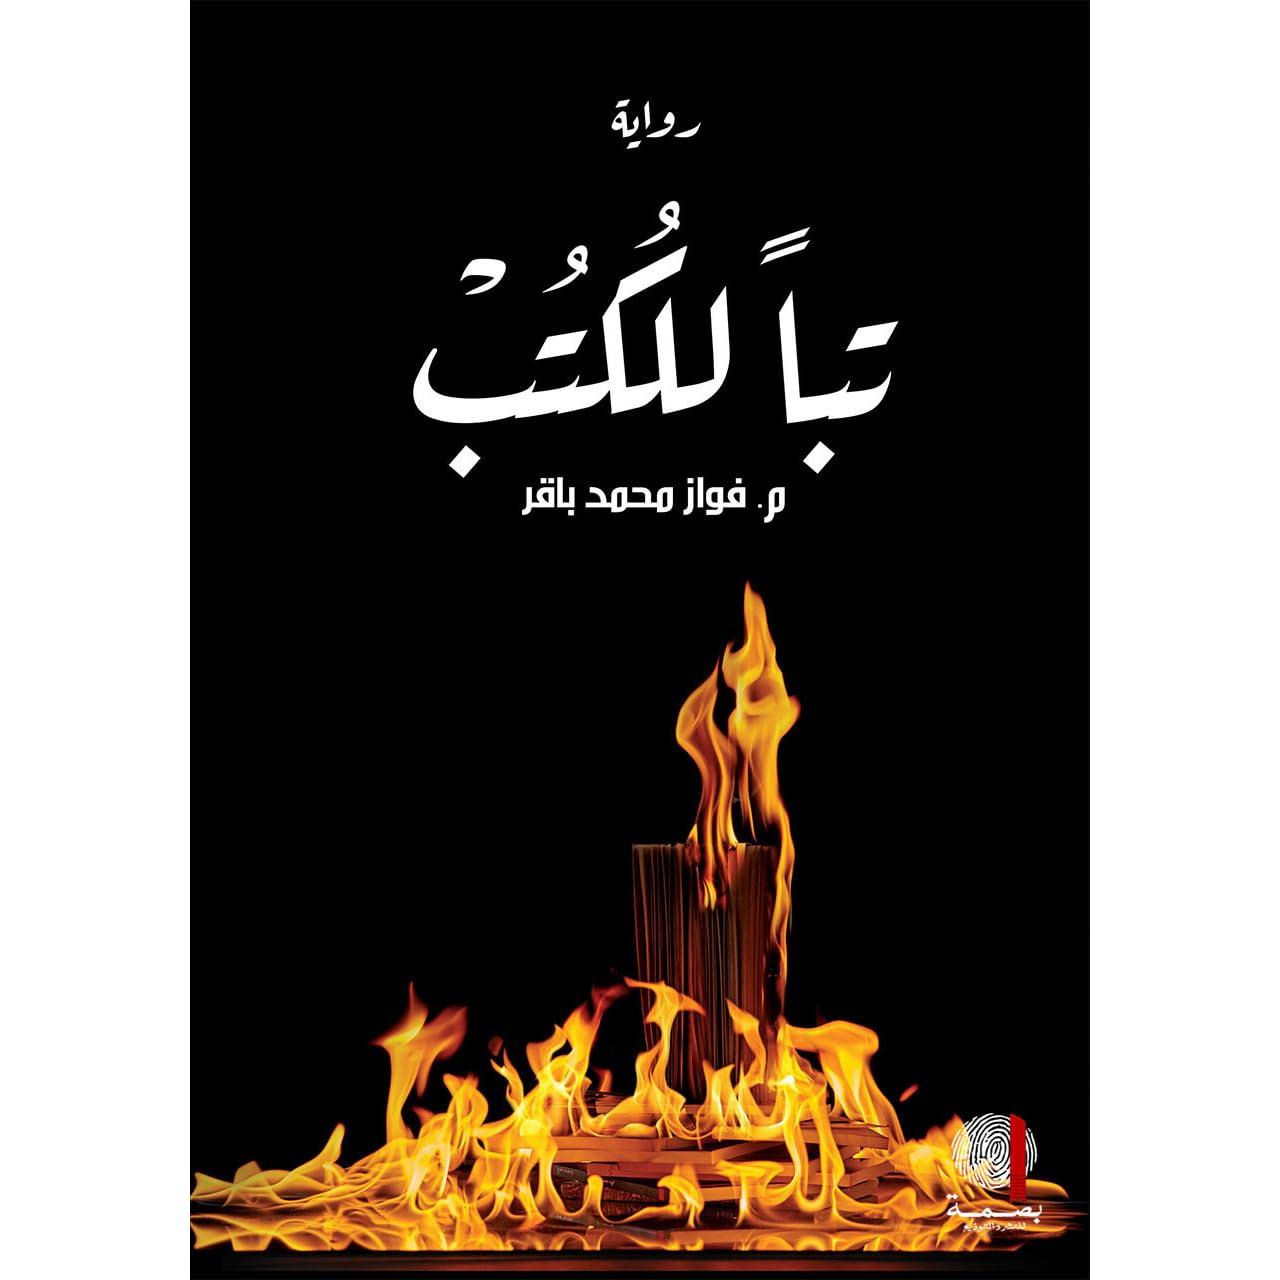 كتاب خبر عاجل فواز باقر pdf